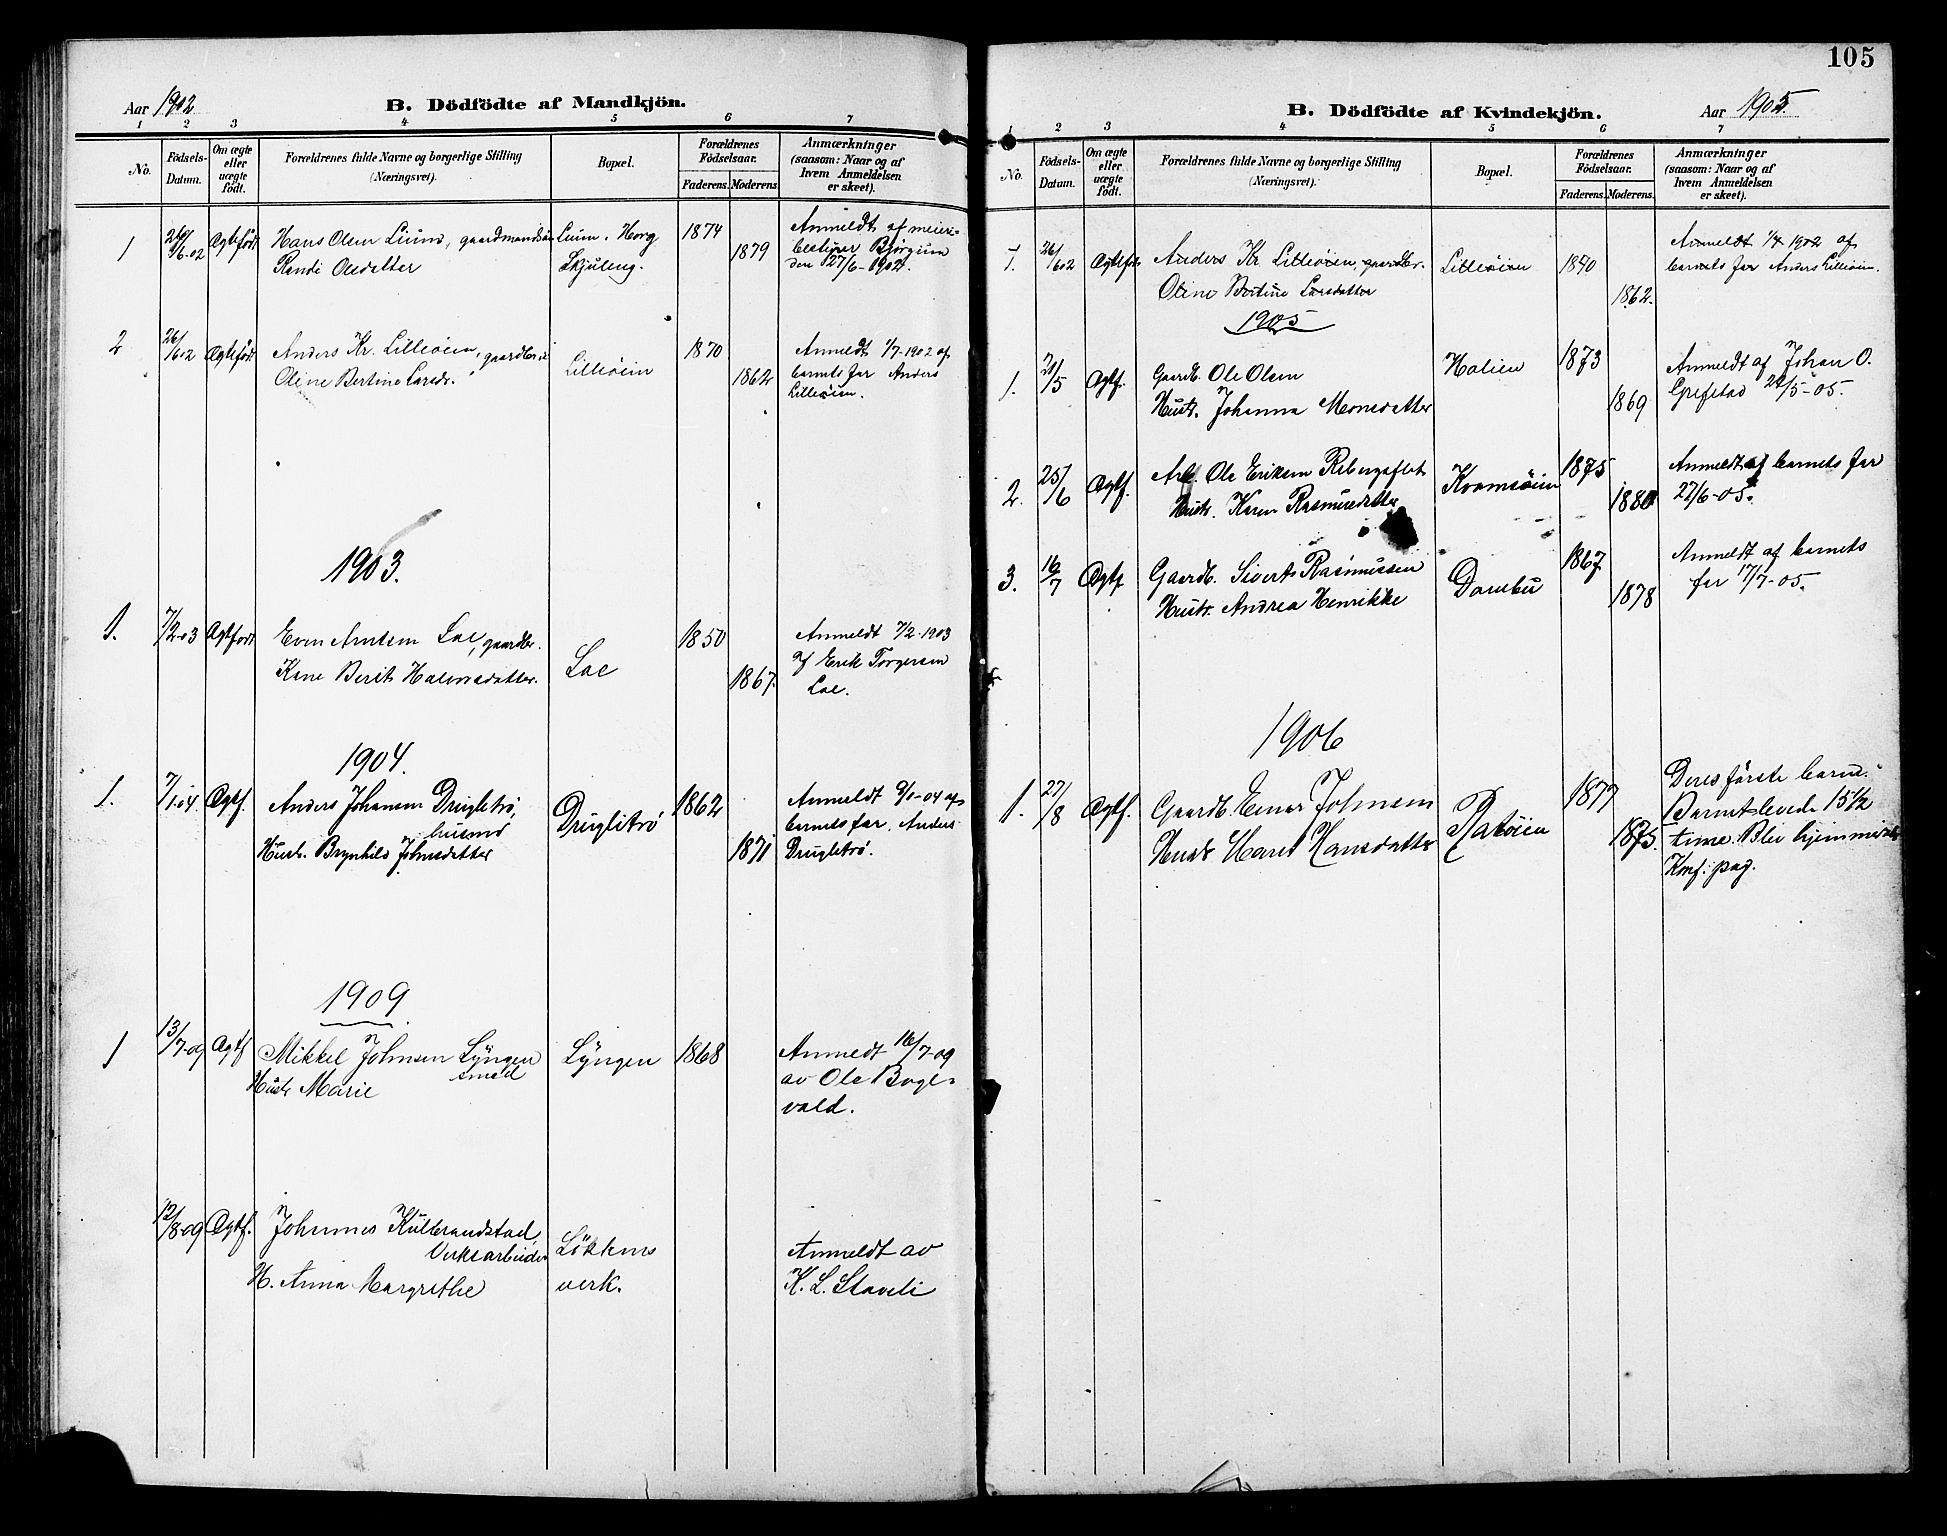 SAT, Ministerialprotokoller, klokkerbøker og fødselsregistre - Sør-Trøndelag, 672/L0864: Klokkerbok nr. 672C03, 1902-1914, s. 105